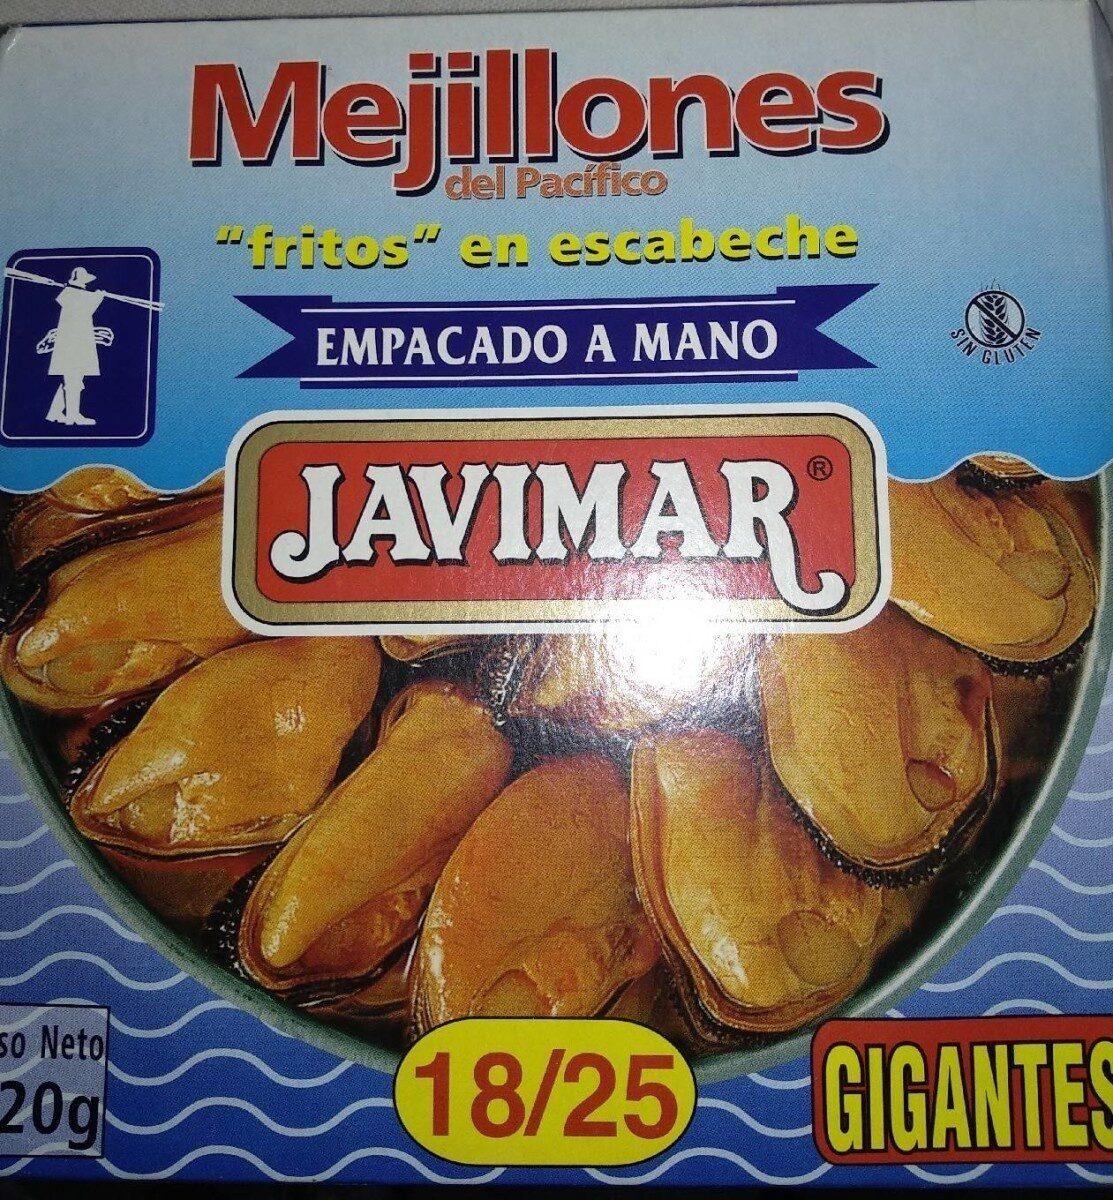 """Mejillones del pacifico """"fritos"""" en escabeche - Producte - es"""